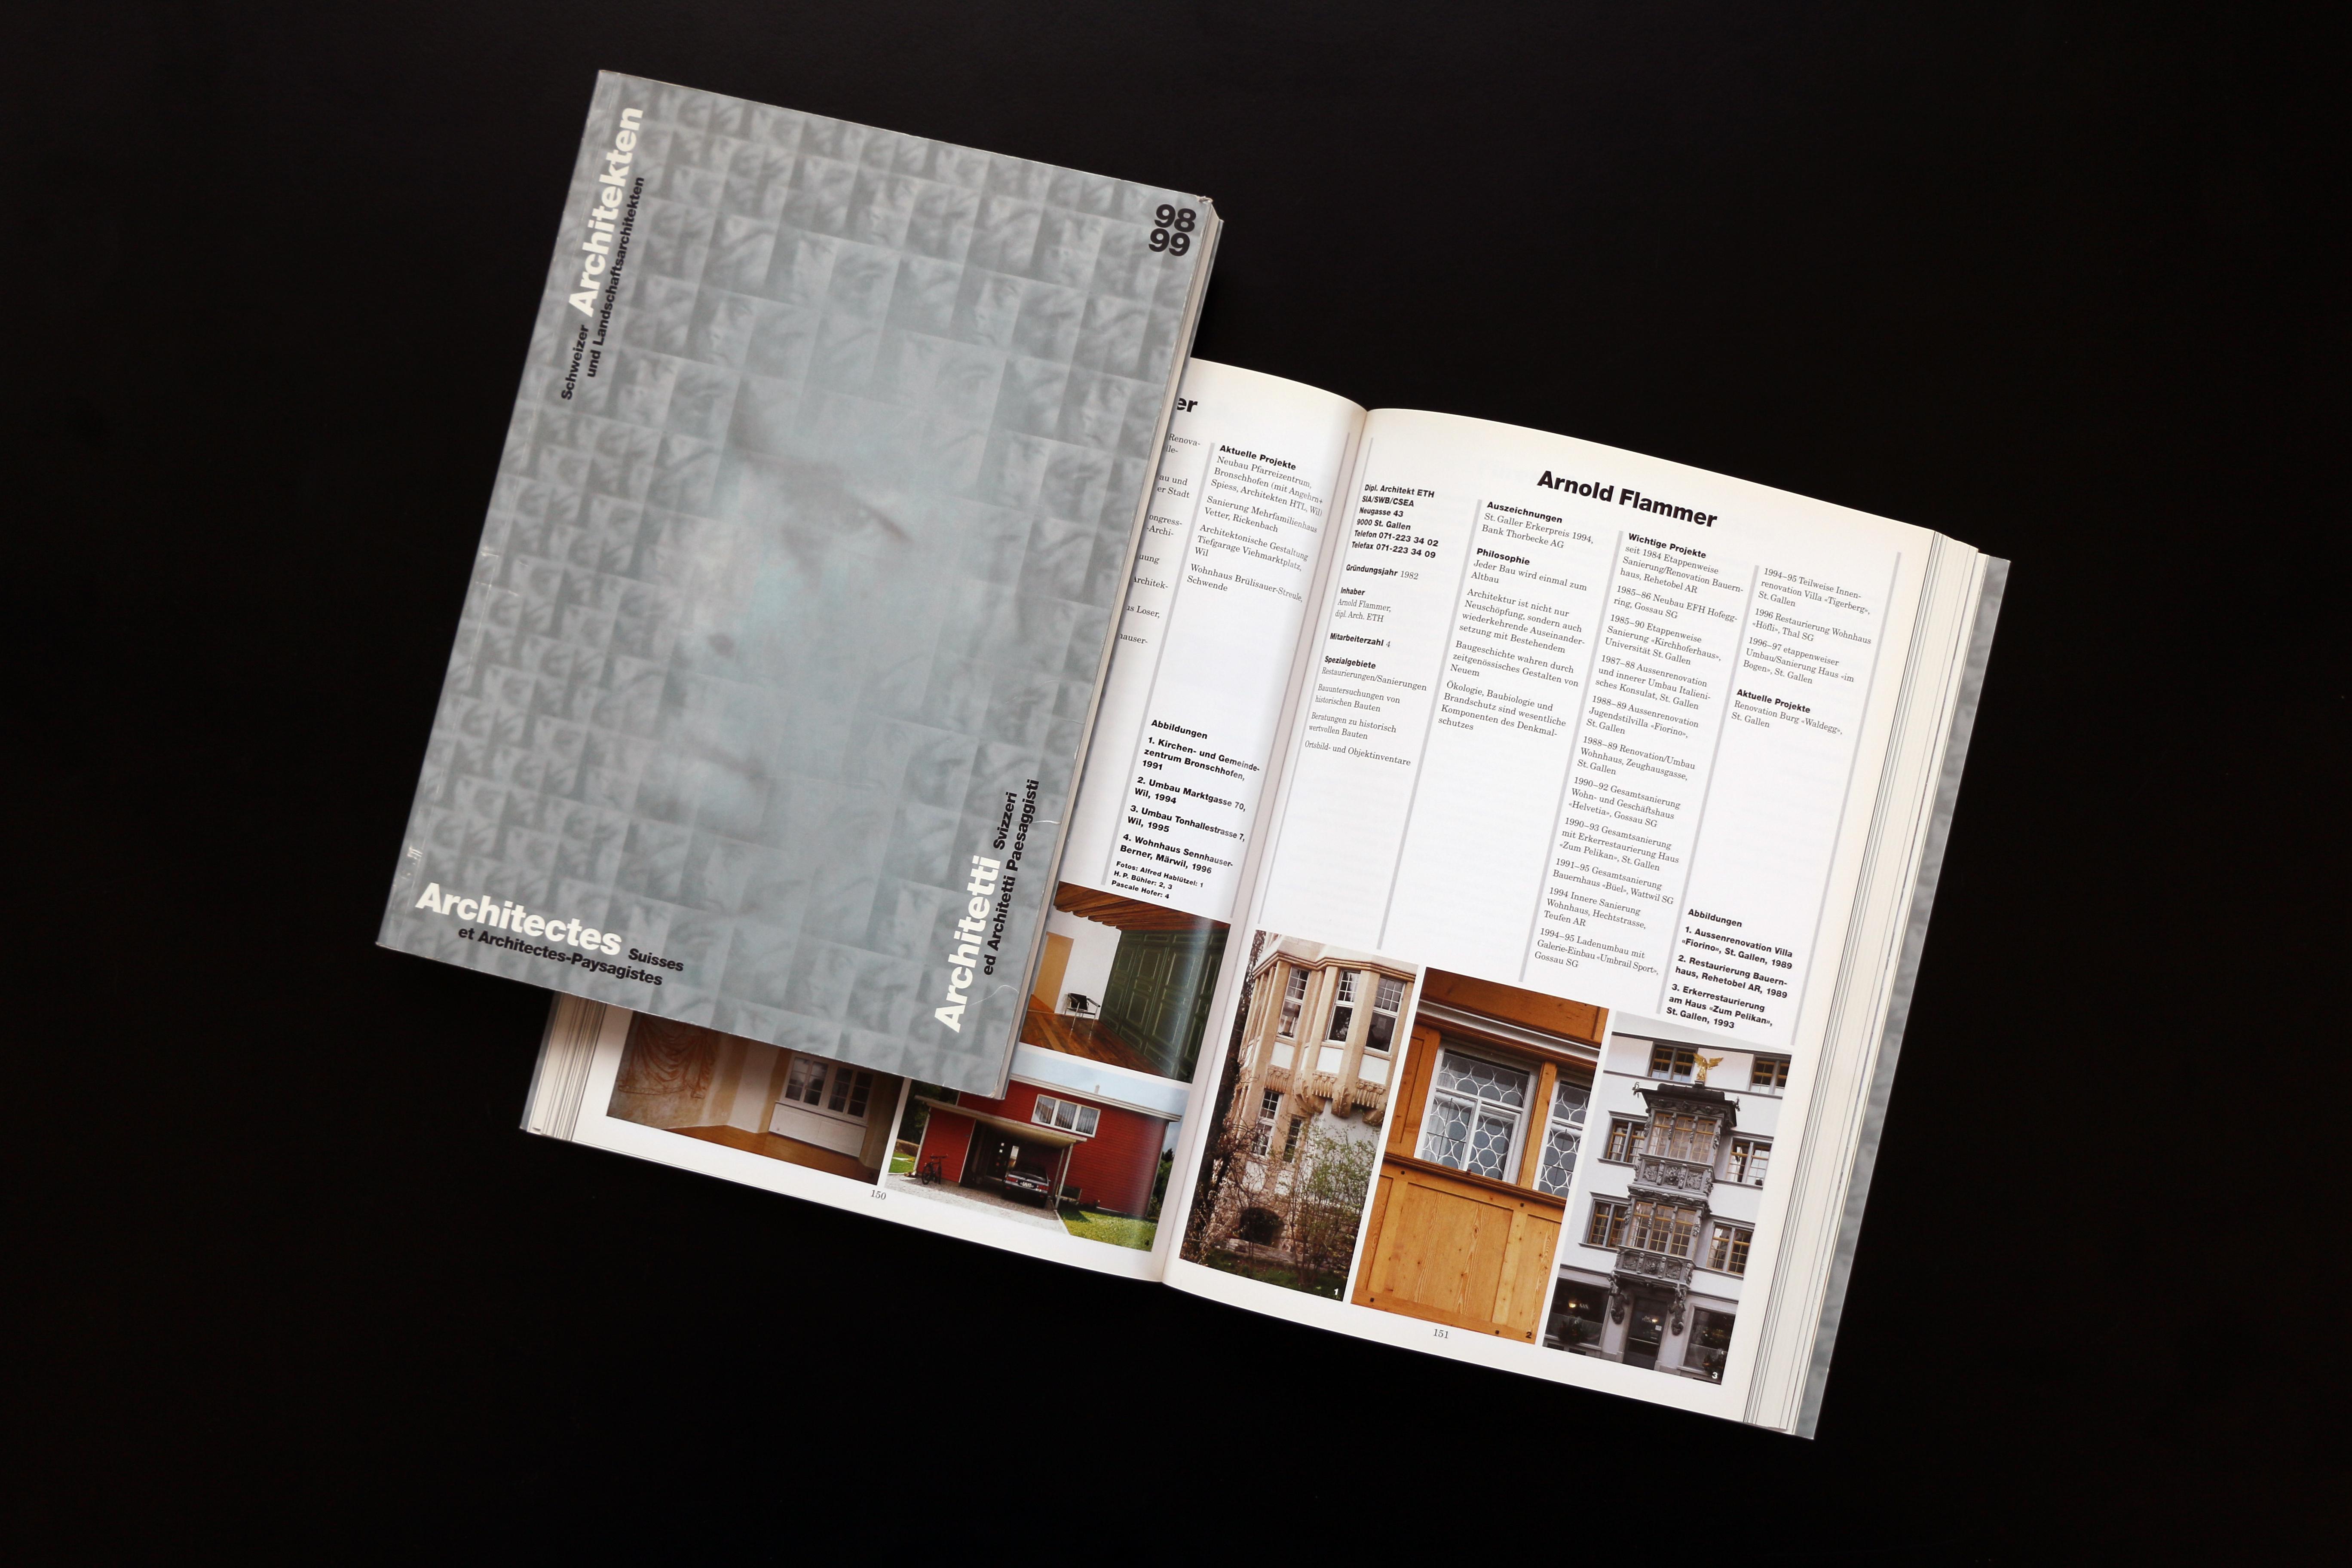 Schweizer Architekten 1998/99